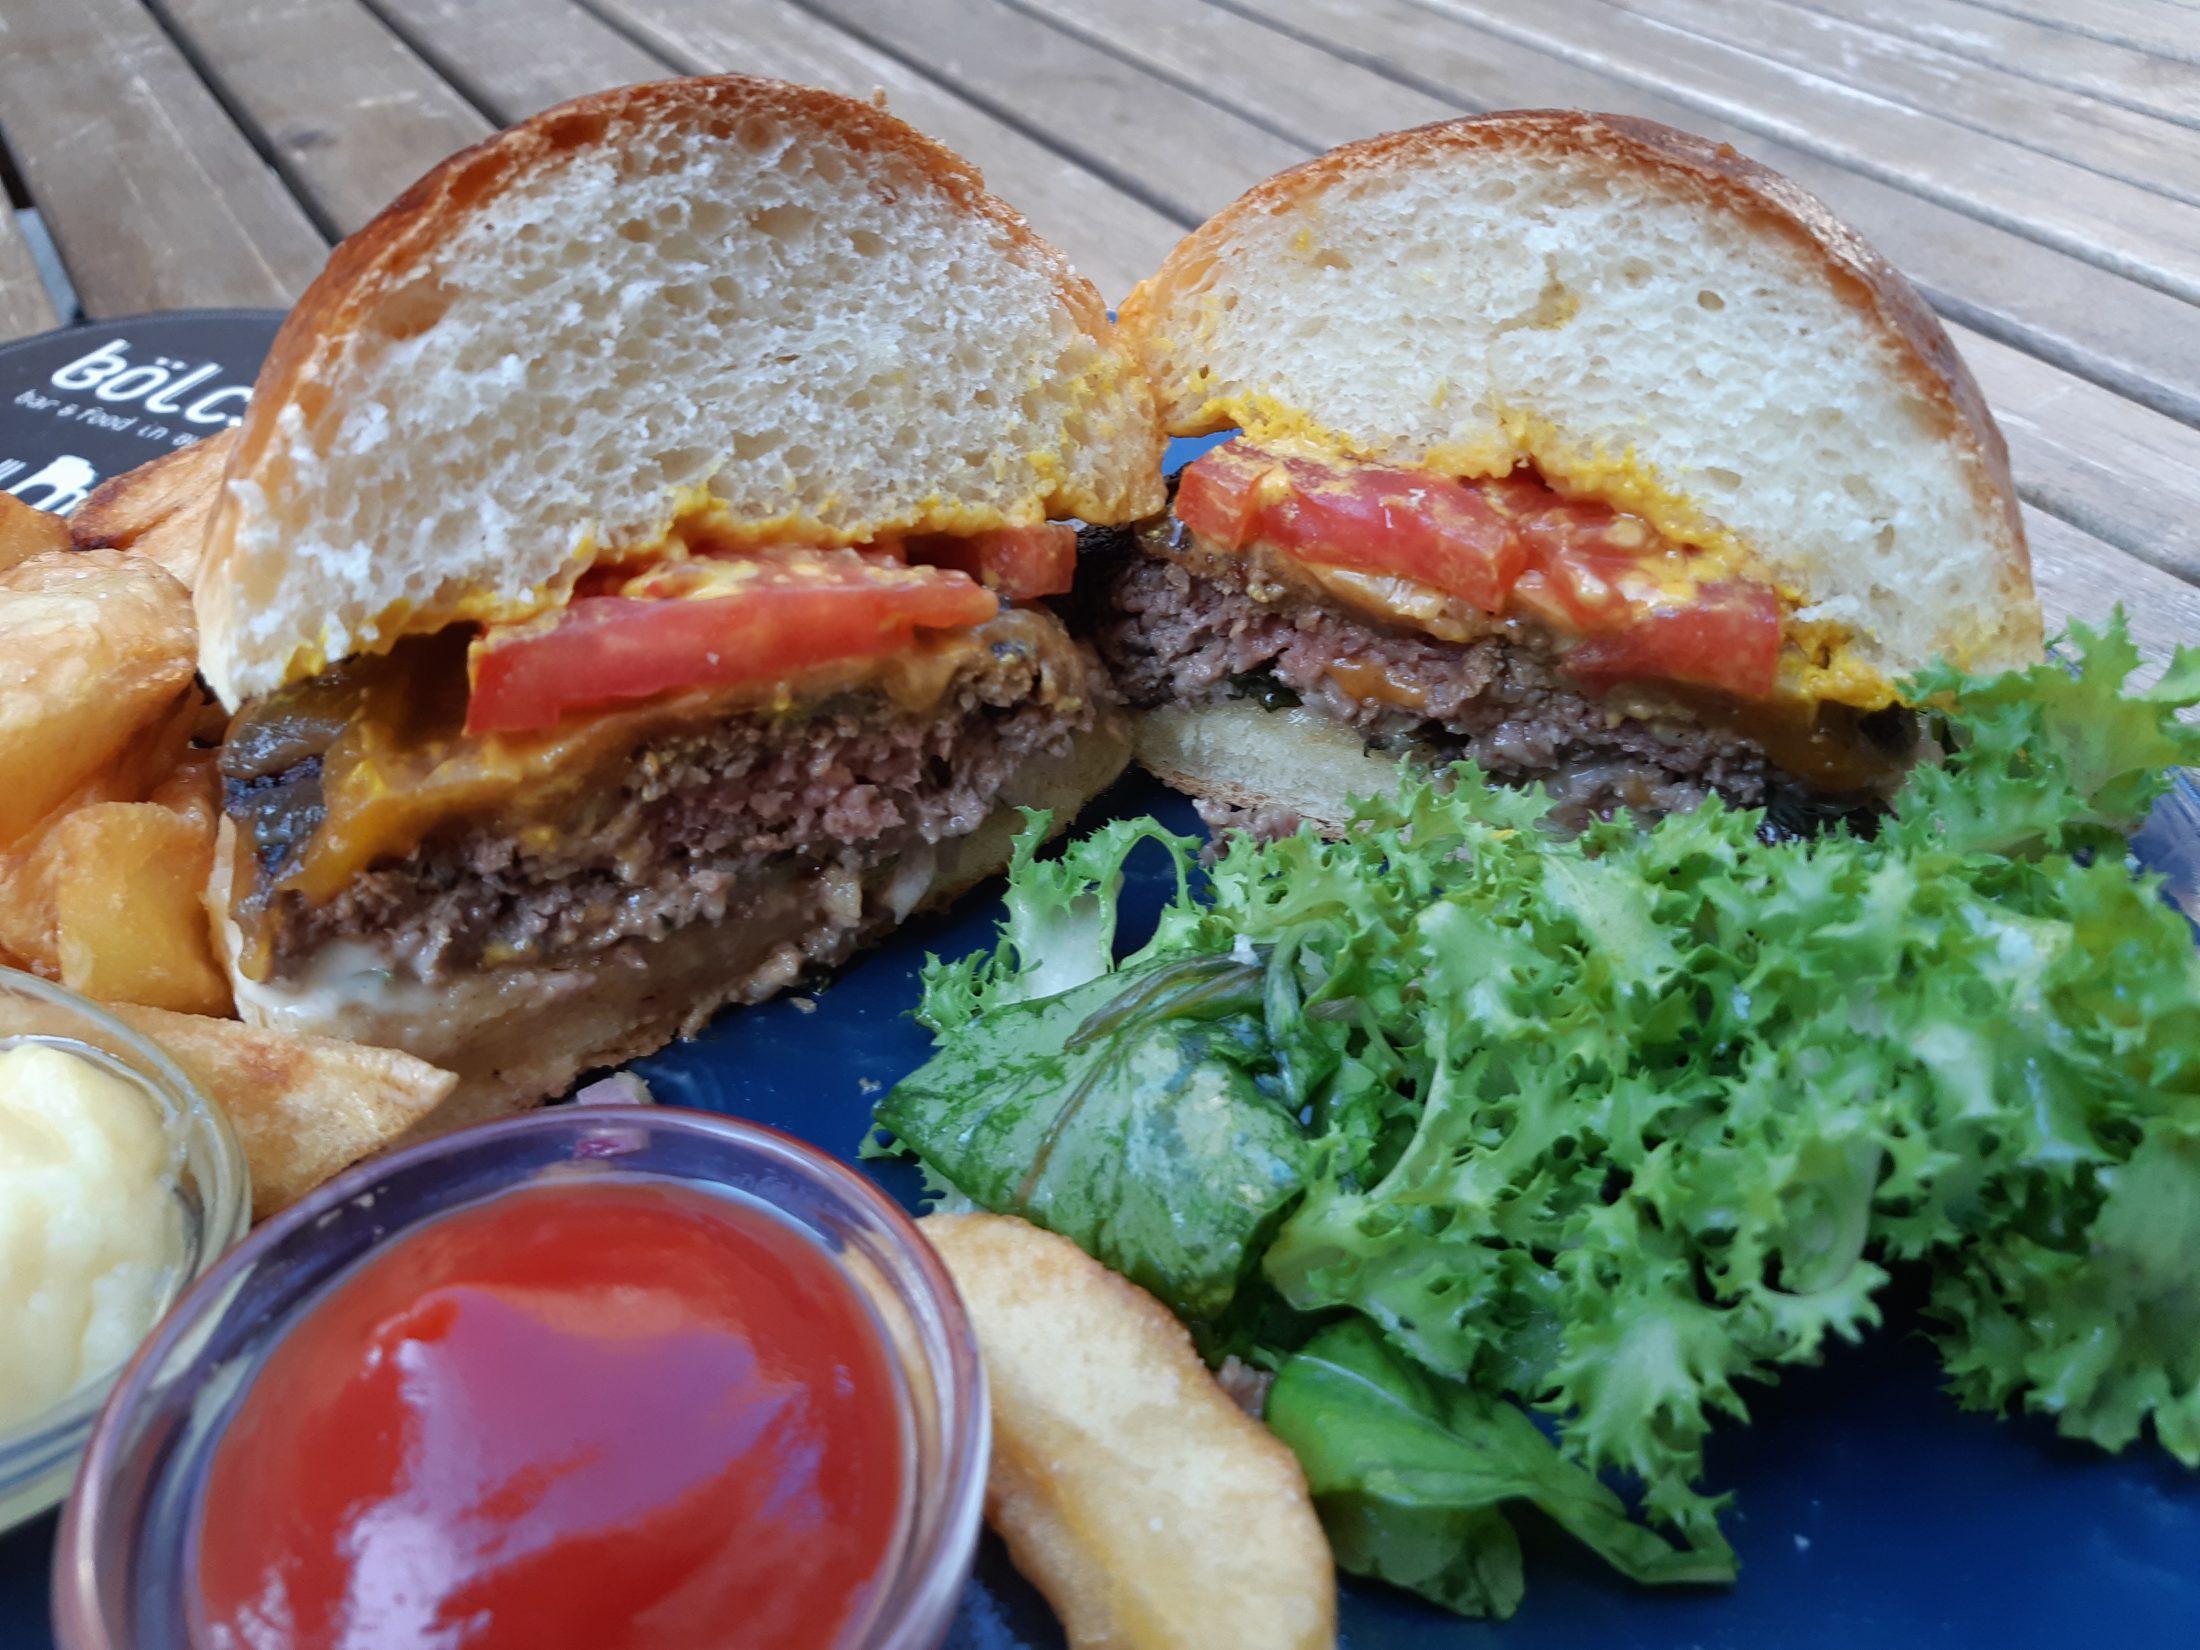 Burgerkedvencek nyomában: Vissza a Bölcsőbe - Dining Guide